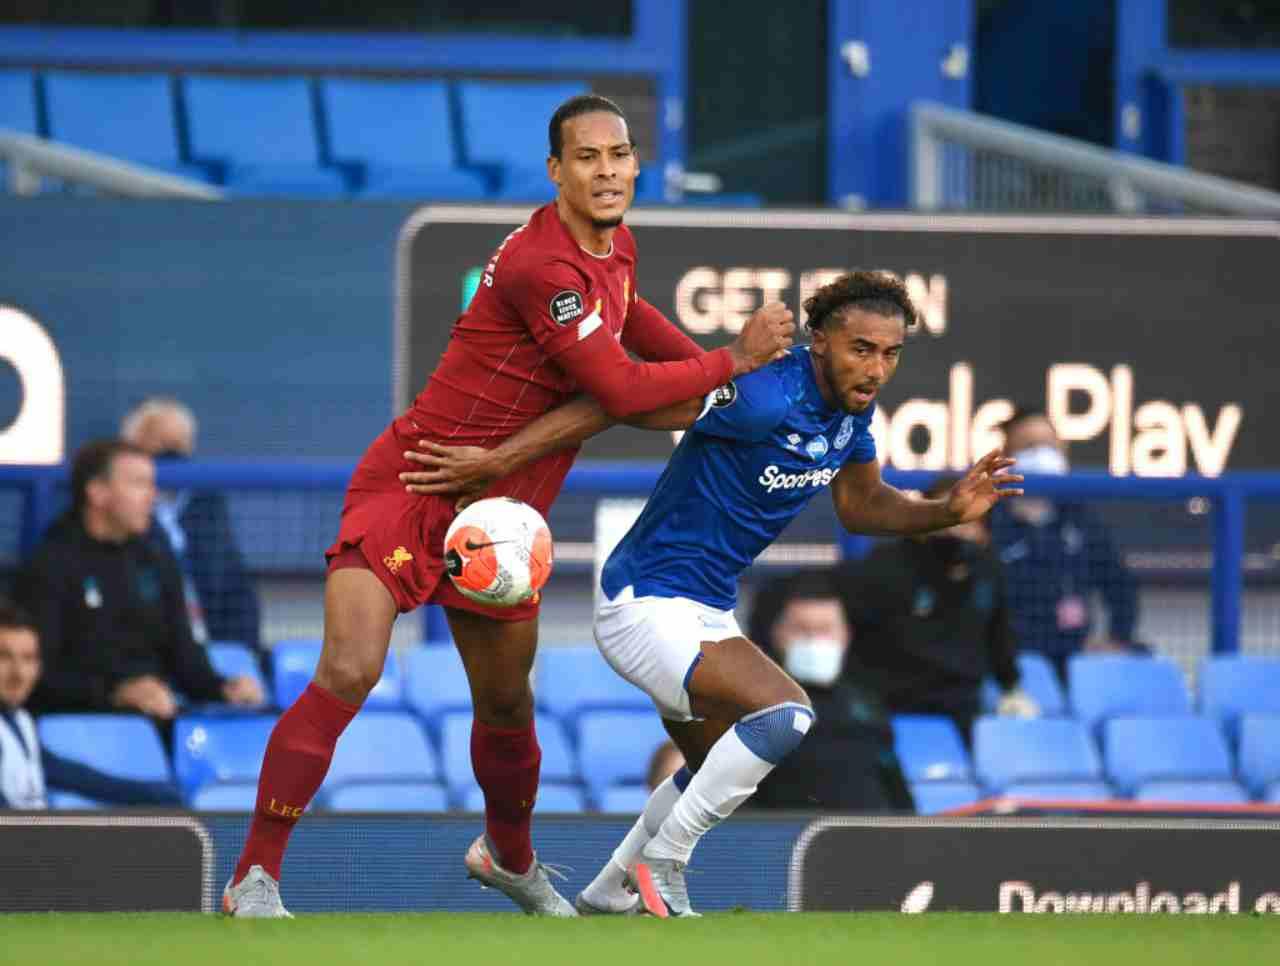 Premier League, Van Dijk contrasta Calvert-Lewin durante Everton-Liverpool